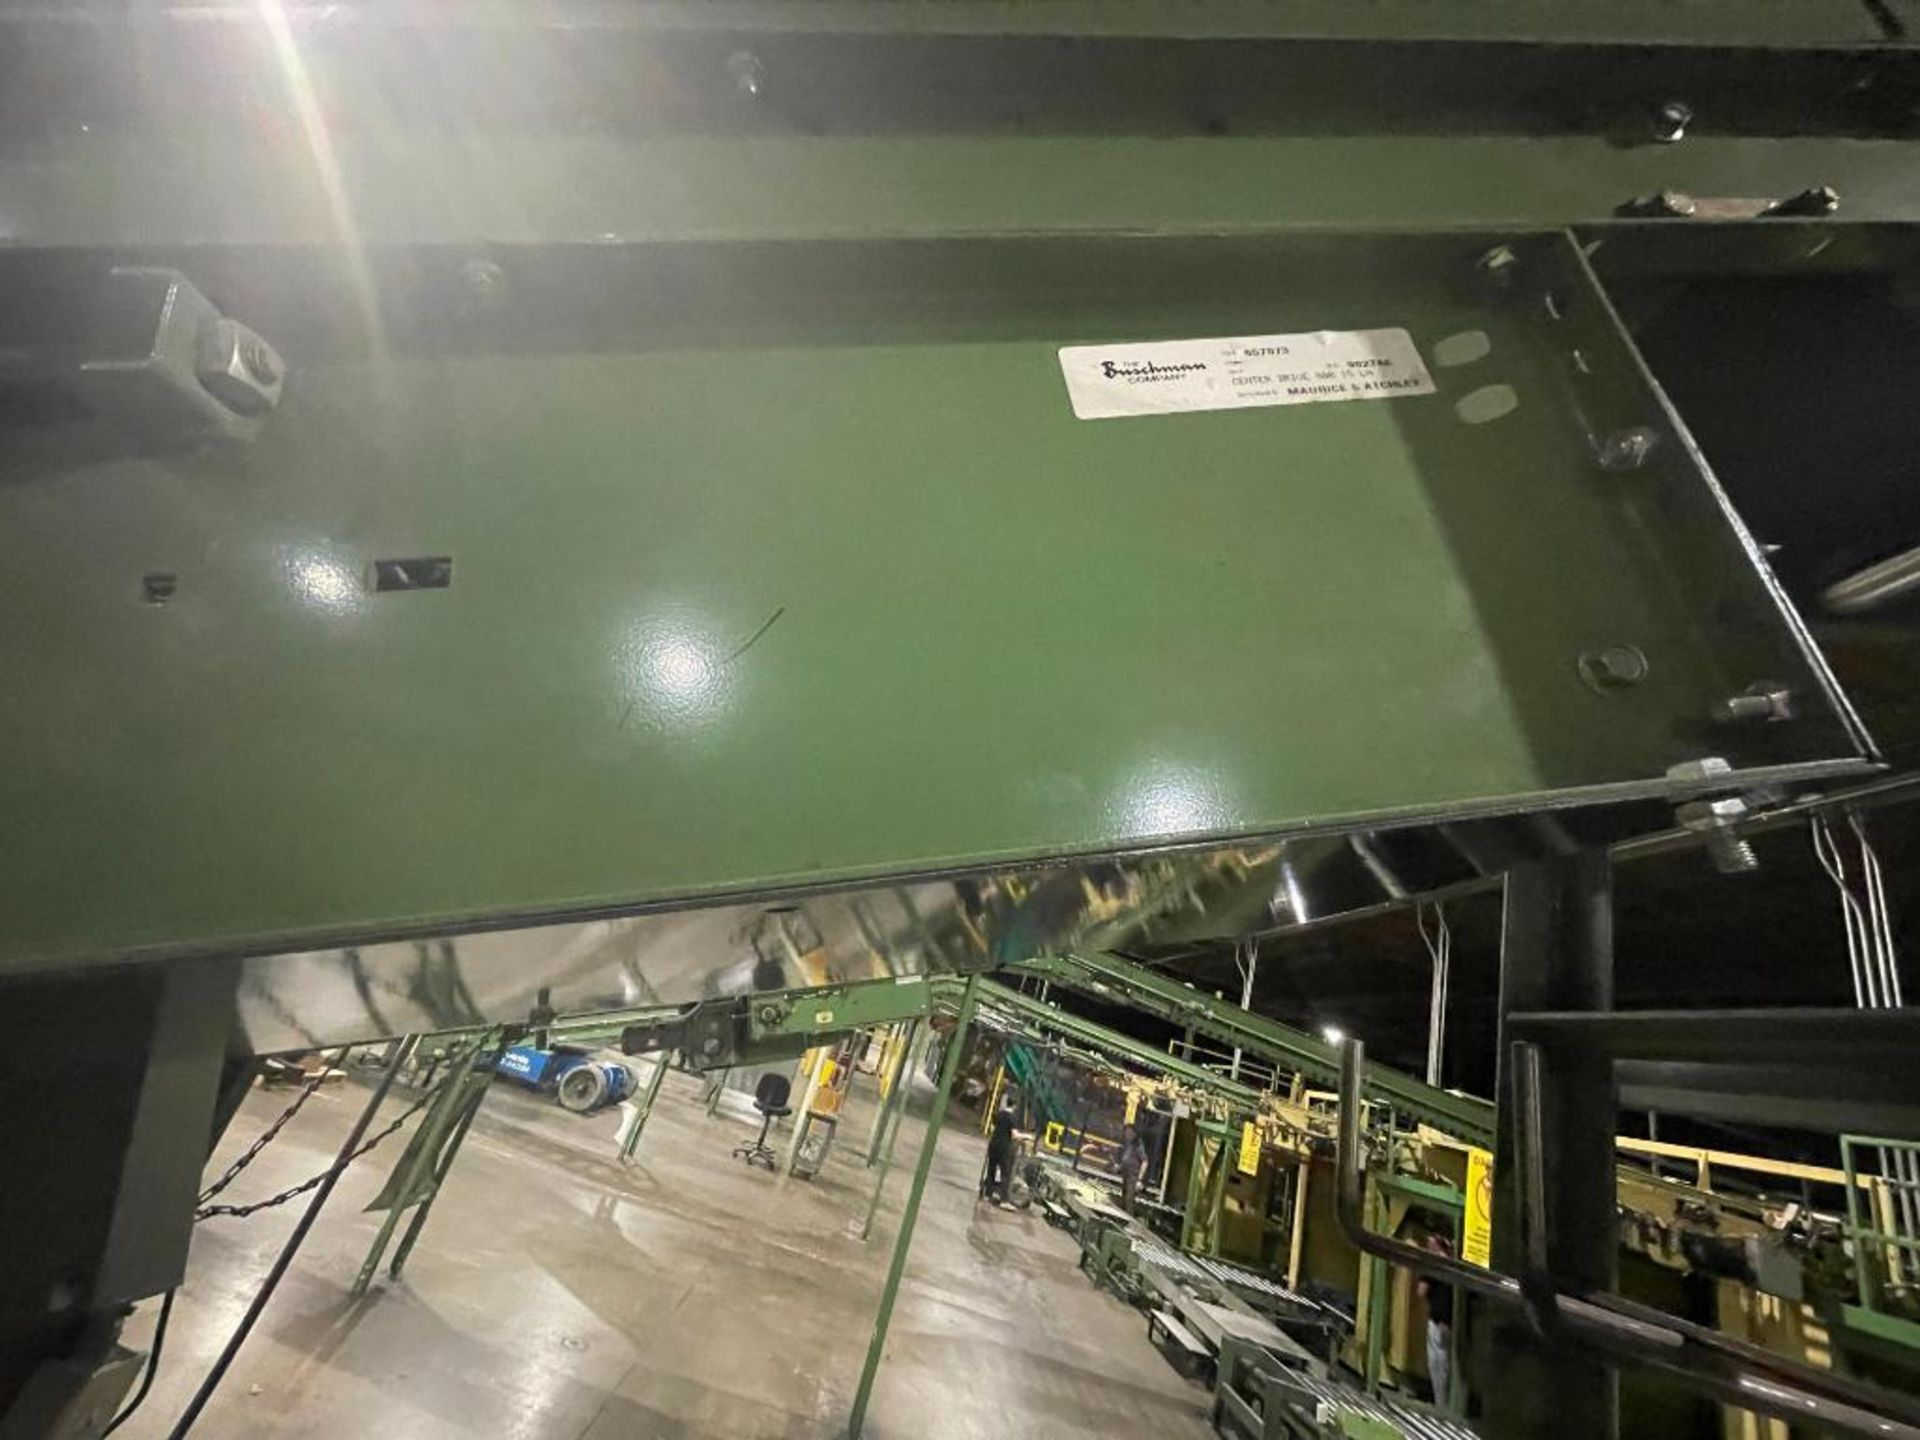 Buschman mild steel incline conveyor - Image 8 of 15